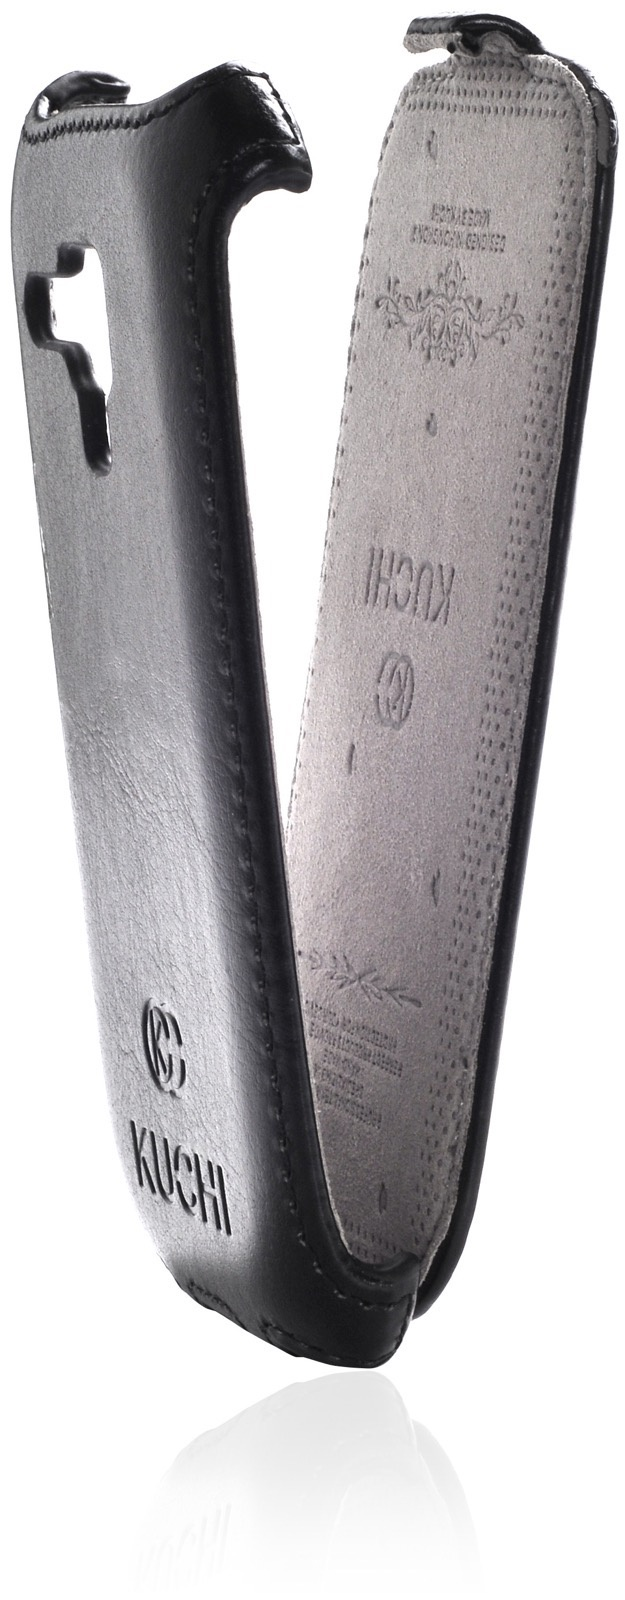 Чехол для сотового телефона Kuchi книжка стежка ORIGINAL для Samsung Galaxy S3 mini, черный